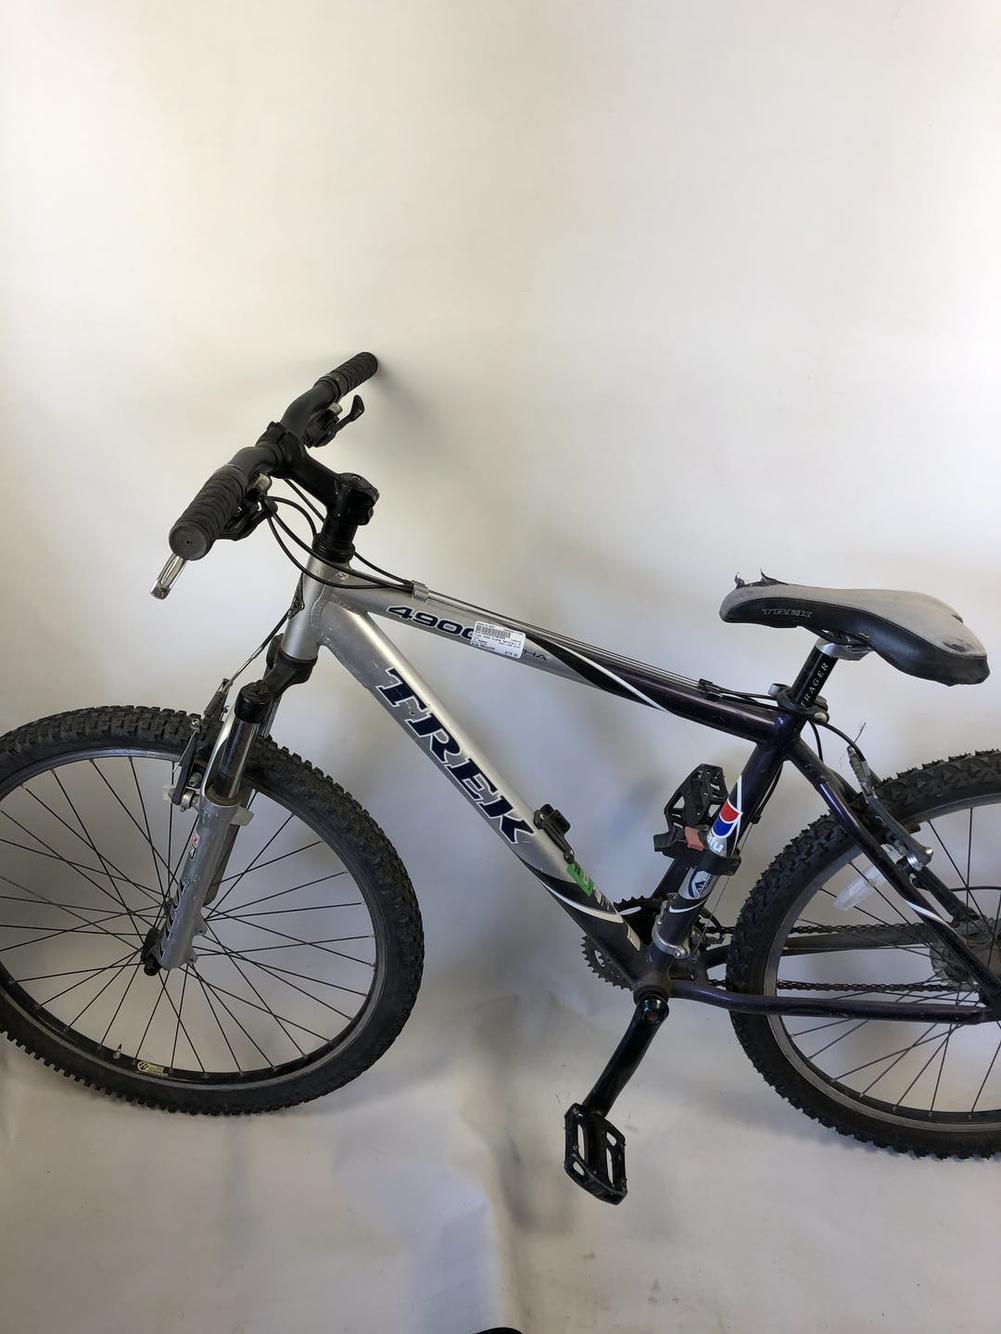 Trek 4900 Bike : Alpha, 43-47cm, 17-18